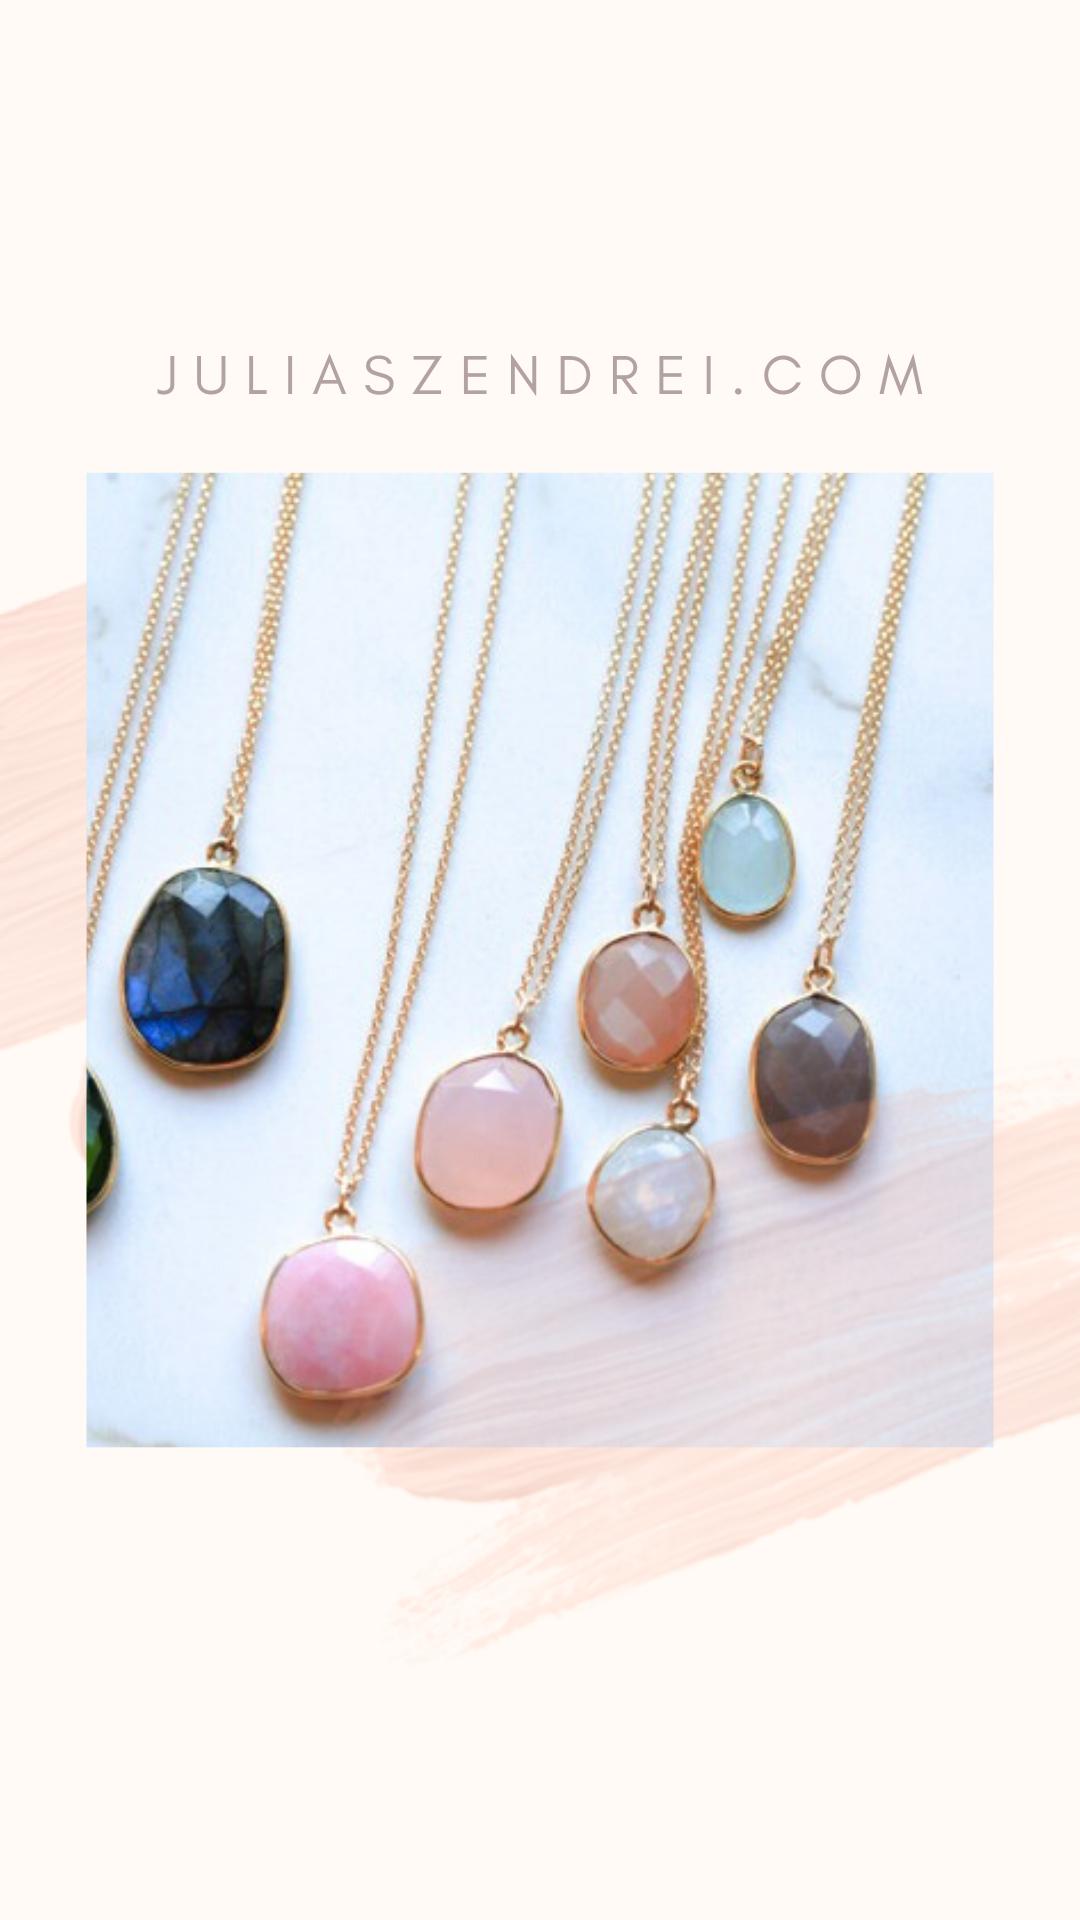 #gemstonejewelry #bohojewelry #HANDMADEJEWELRY